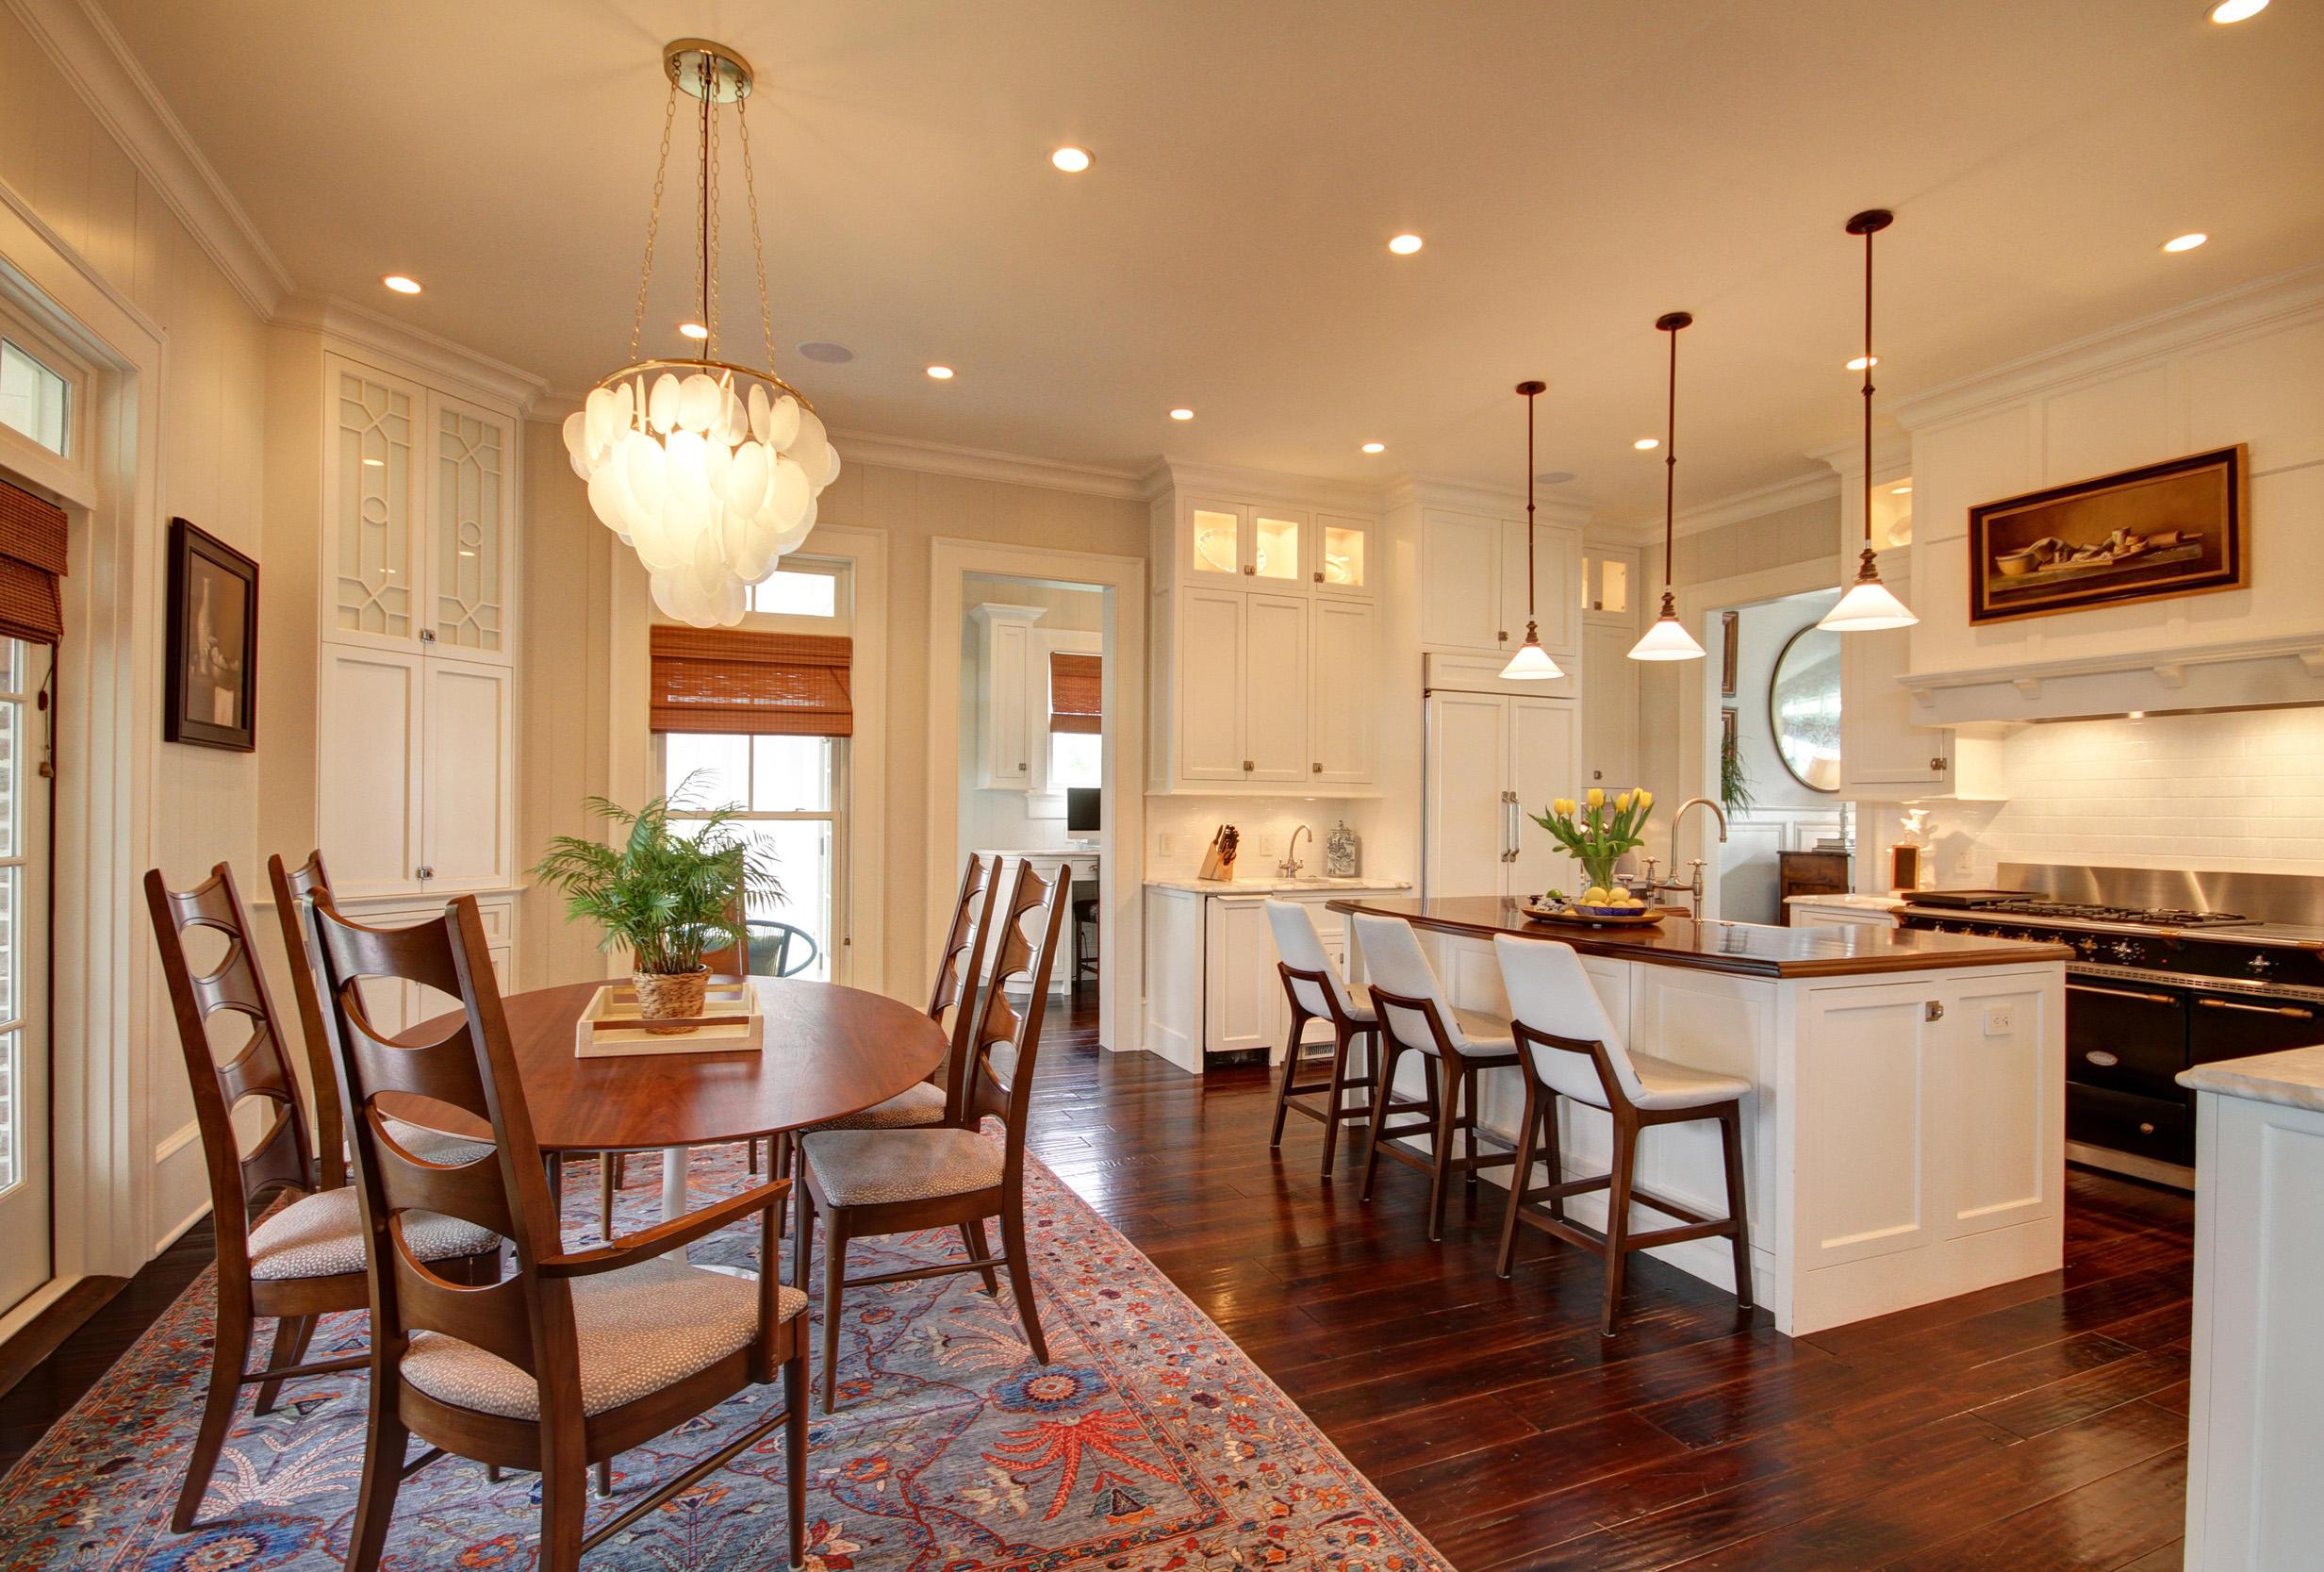 Belle Hall Homes For Sale - 821 Bridgetown Pass, Mount Pleasant, SC - 57